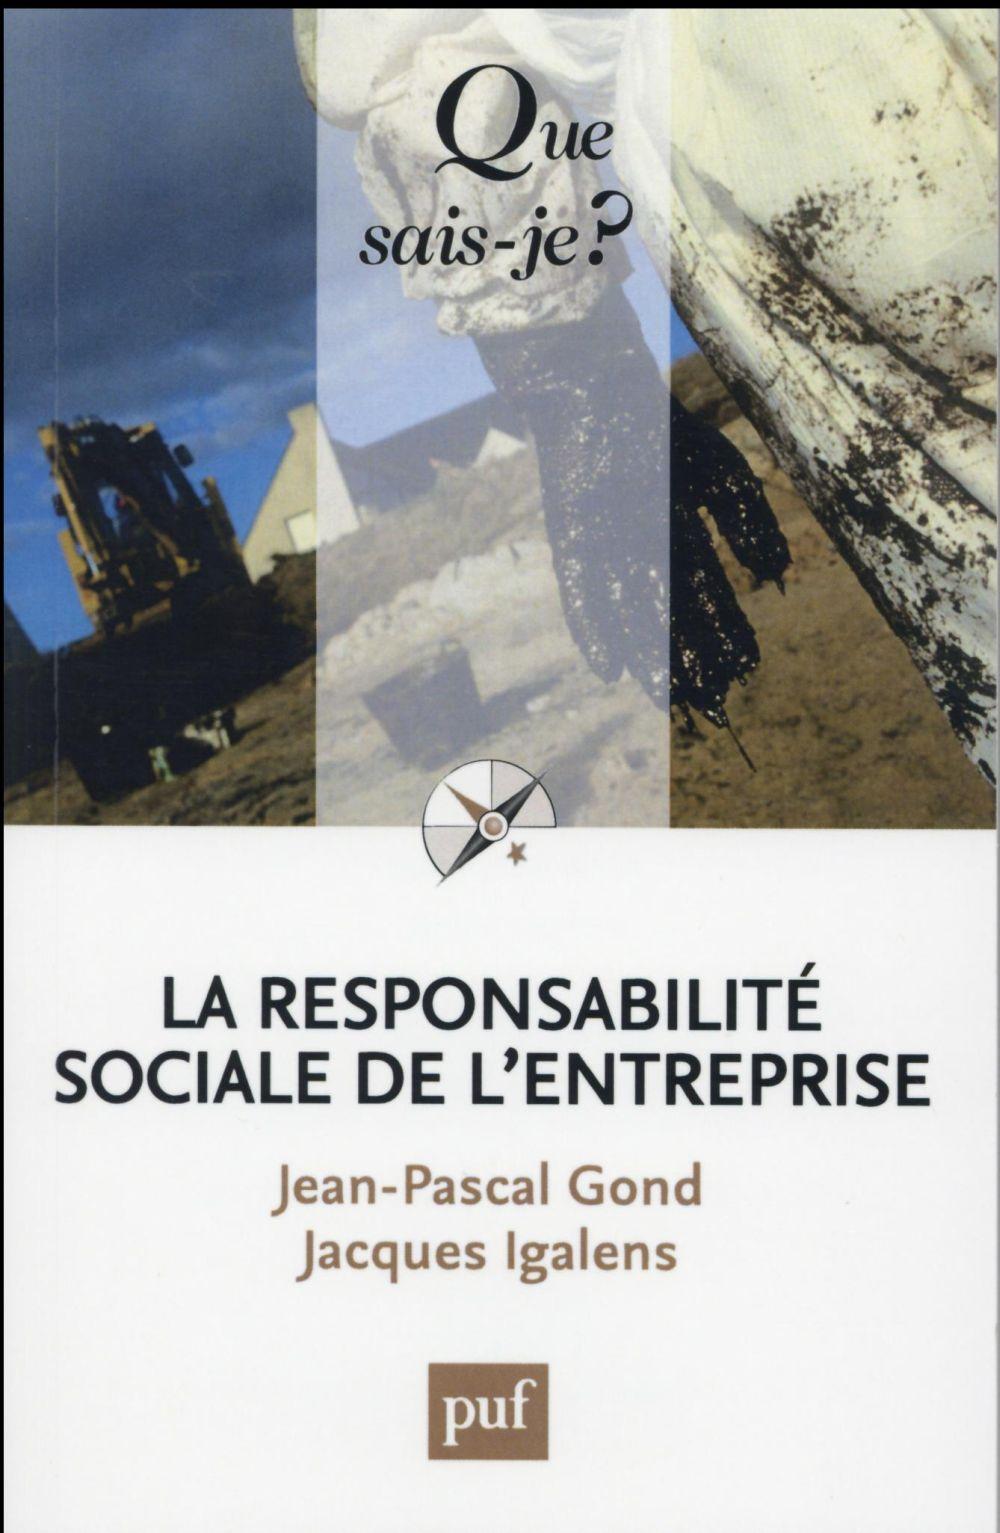 LA RESPONSABILITE SOCIALE DE L'ENTREPRISE (5ED) QSJ 3837